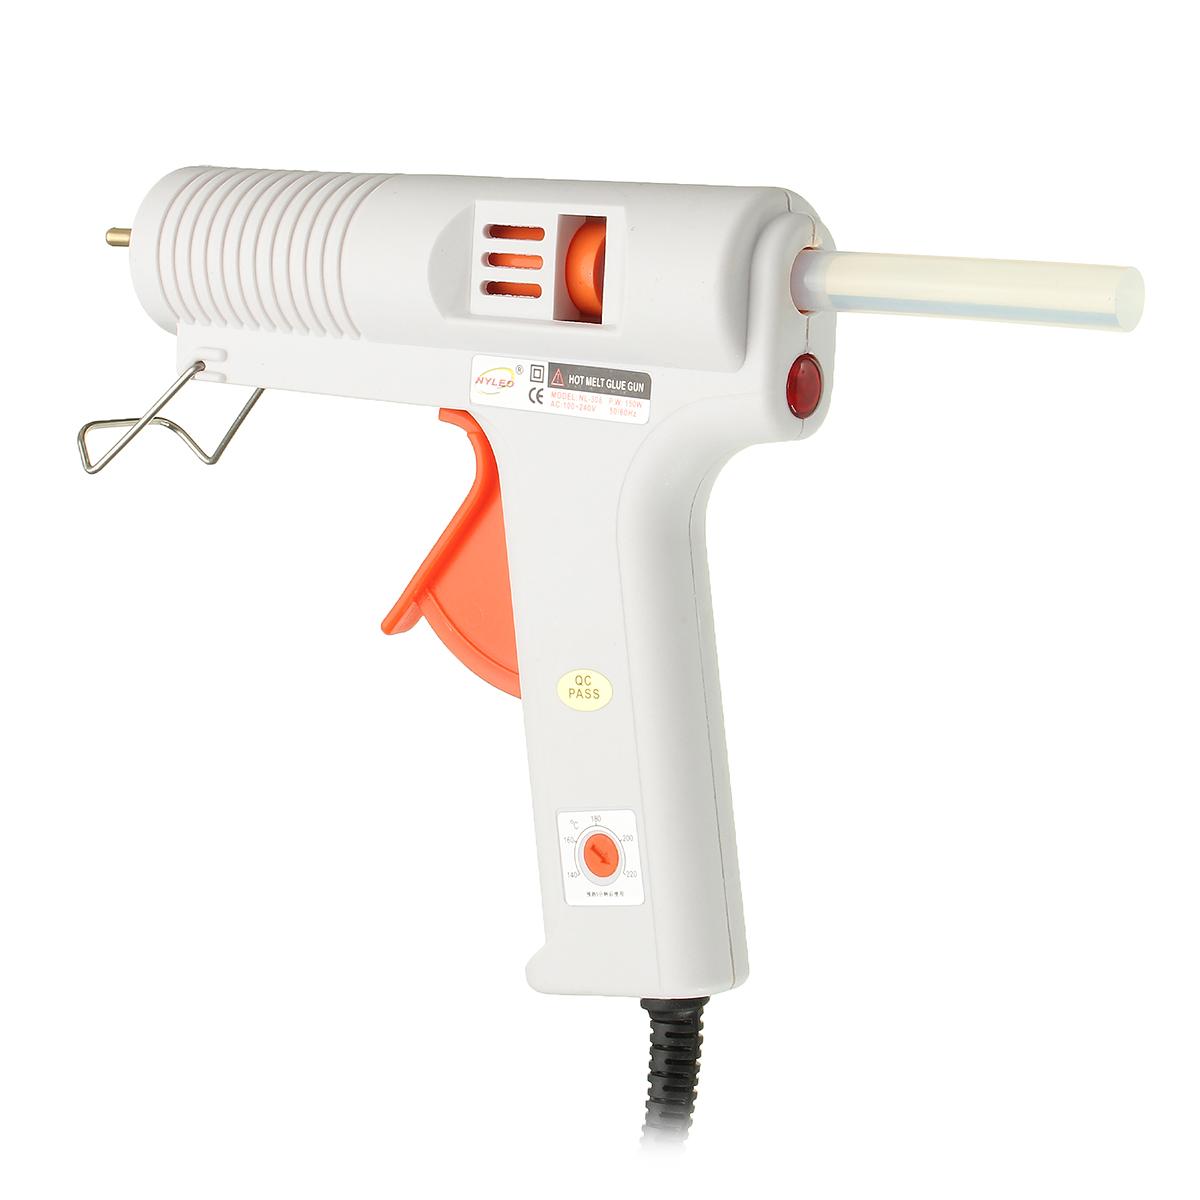 150W Glue Electric Heating Craft Hot Melt Glue Gun Scrapbook Tool with 10 Glue Sticks